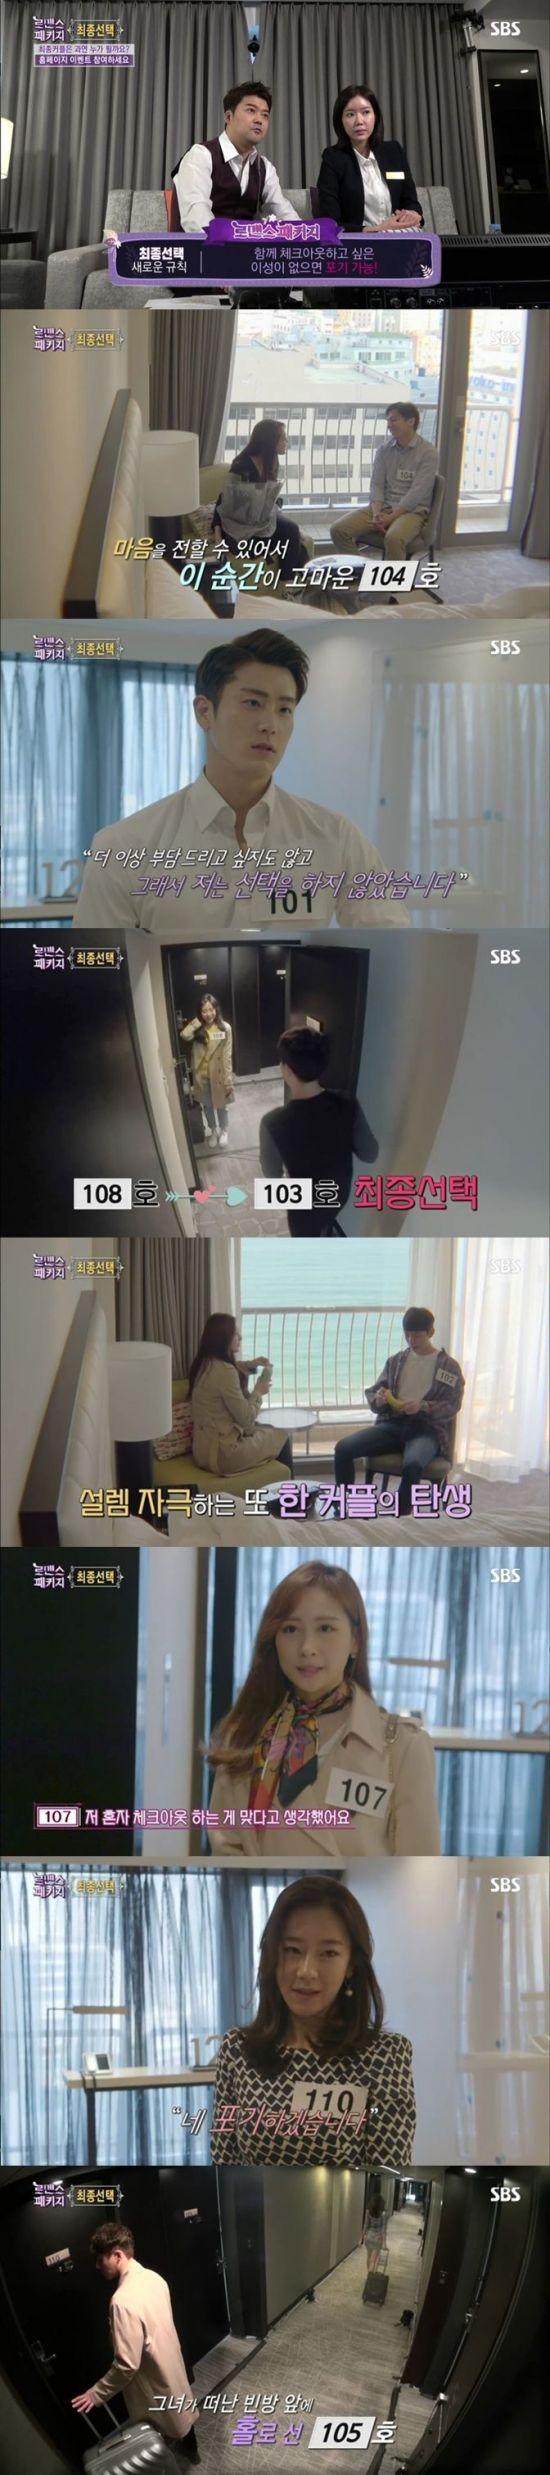 '로맨스 패키지' 男 105호, 女 110호 빈방 앞서 초인종 '최고의 1분'